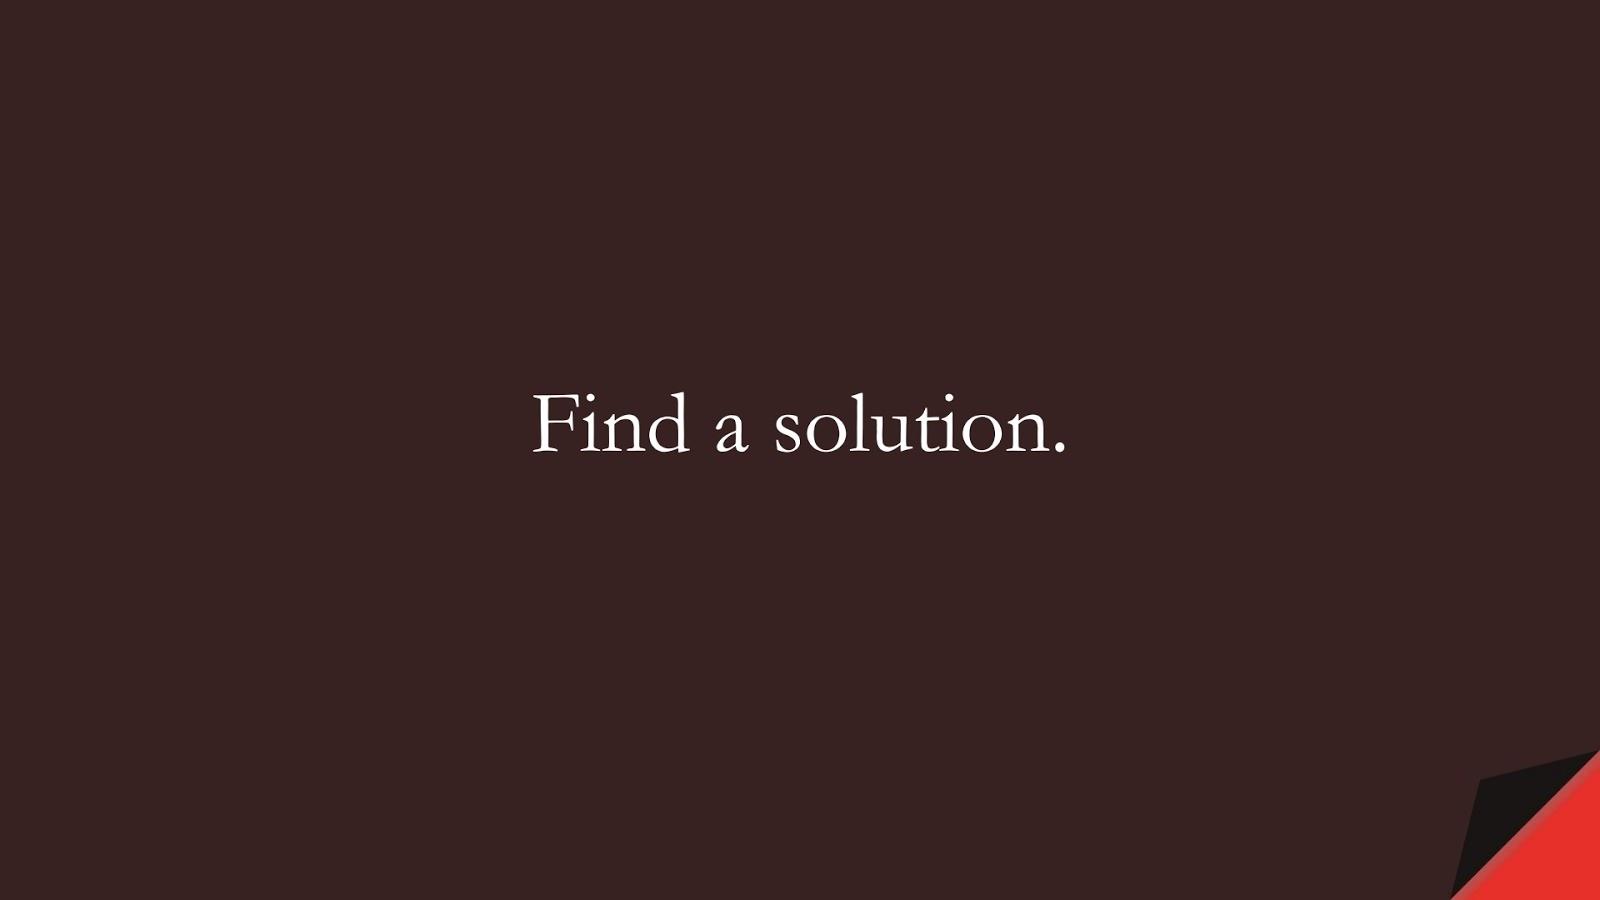 Find a solution.FALSE